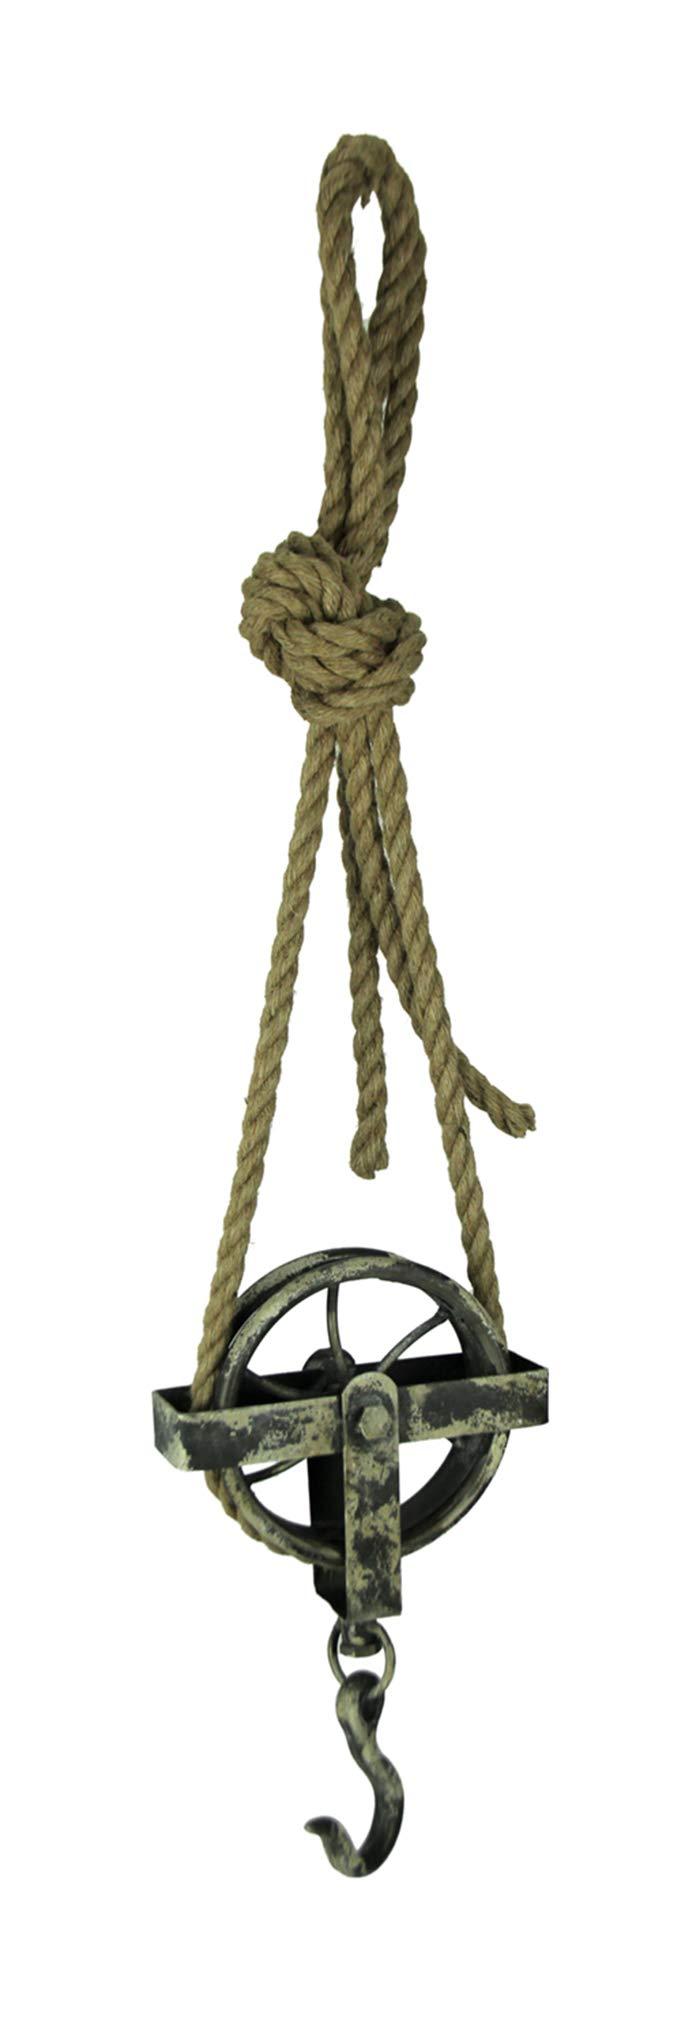 Things2Die4 Rustic Metal and Rope Decorative Hanging Pulley Hook